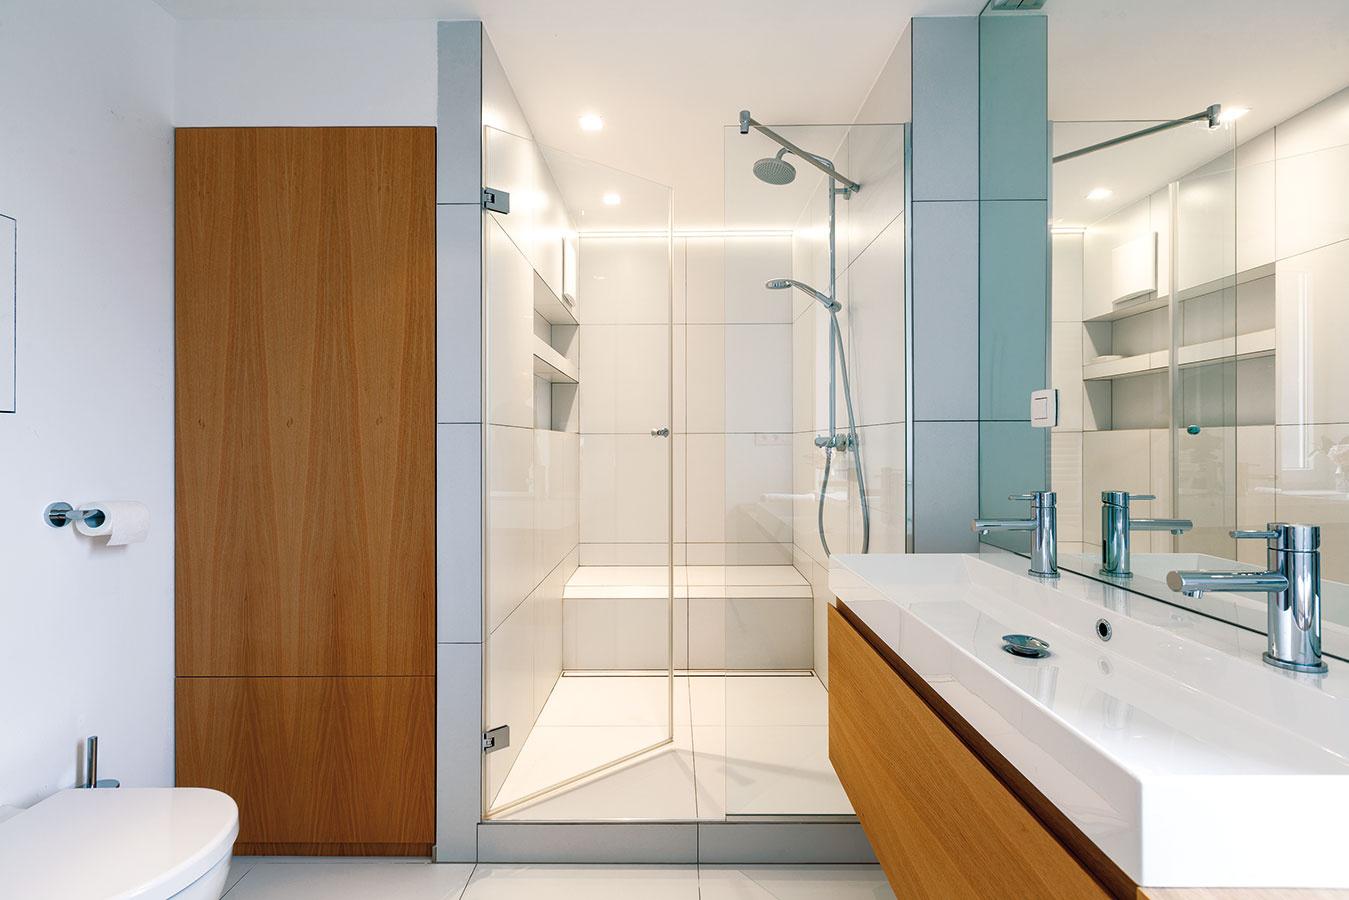 Veľký sprchový kút svymurovaným sedením je pre mladé rodiny často komfortnejší ako vaňa. Schodík má zároveň dostatočnú šírku na umiestnenie detskej vaničky.